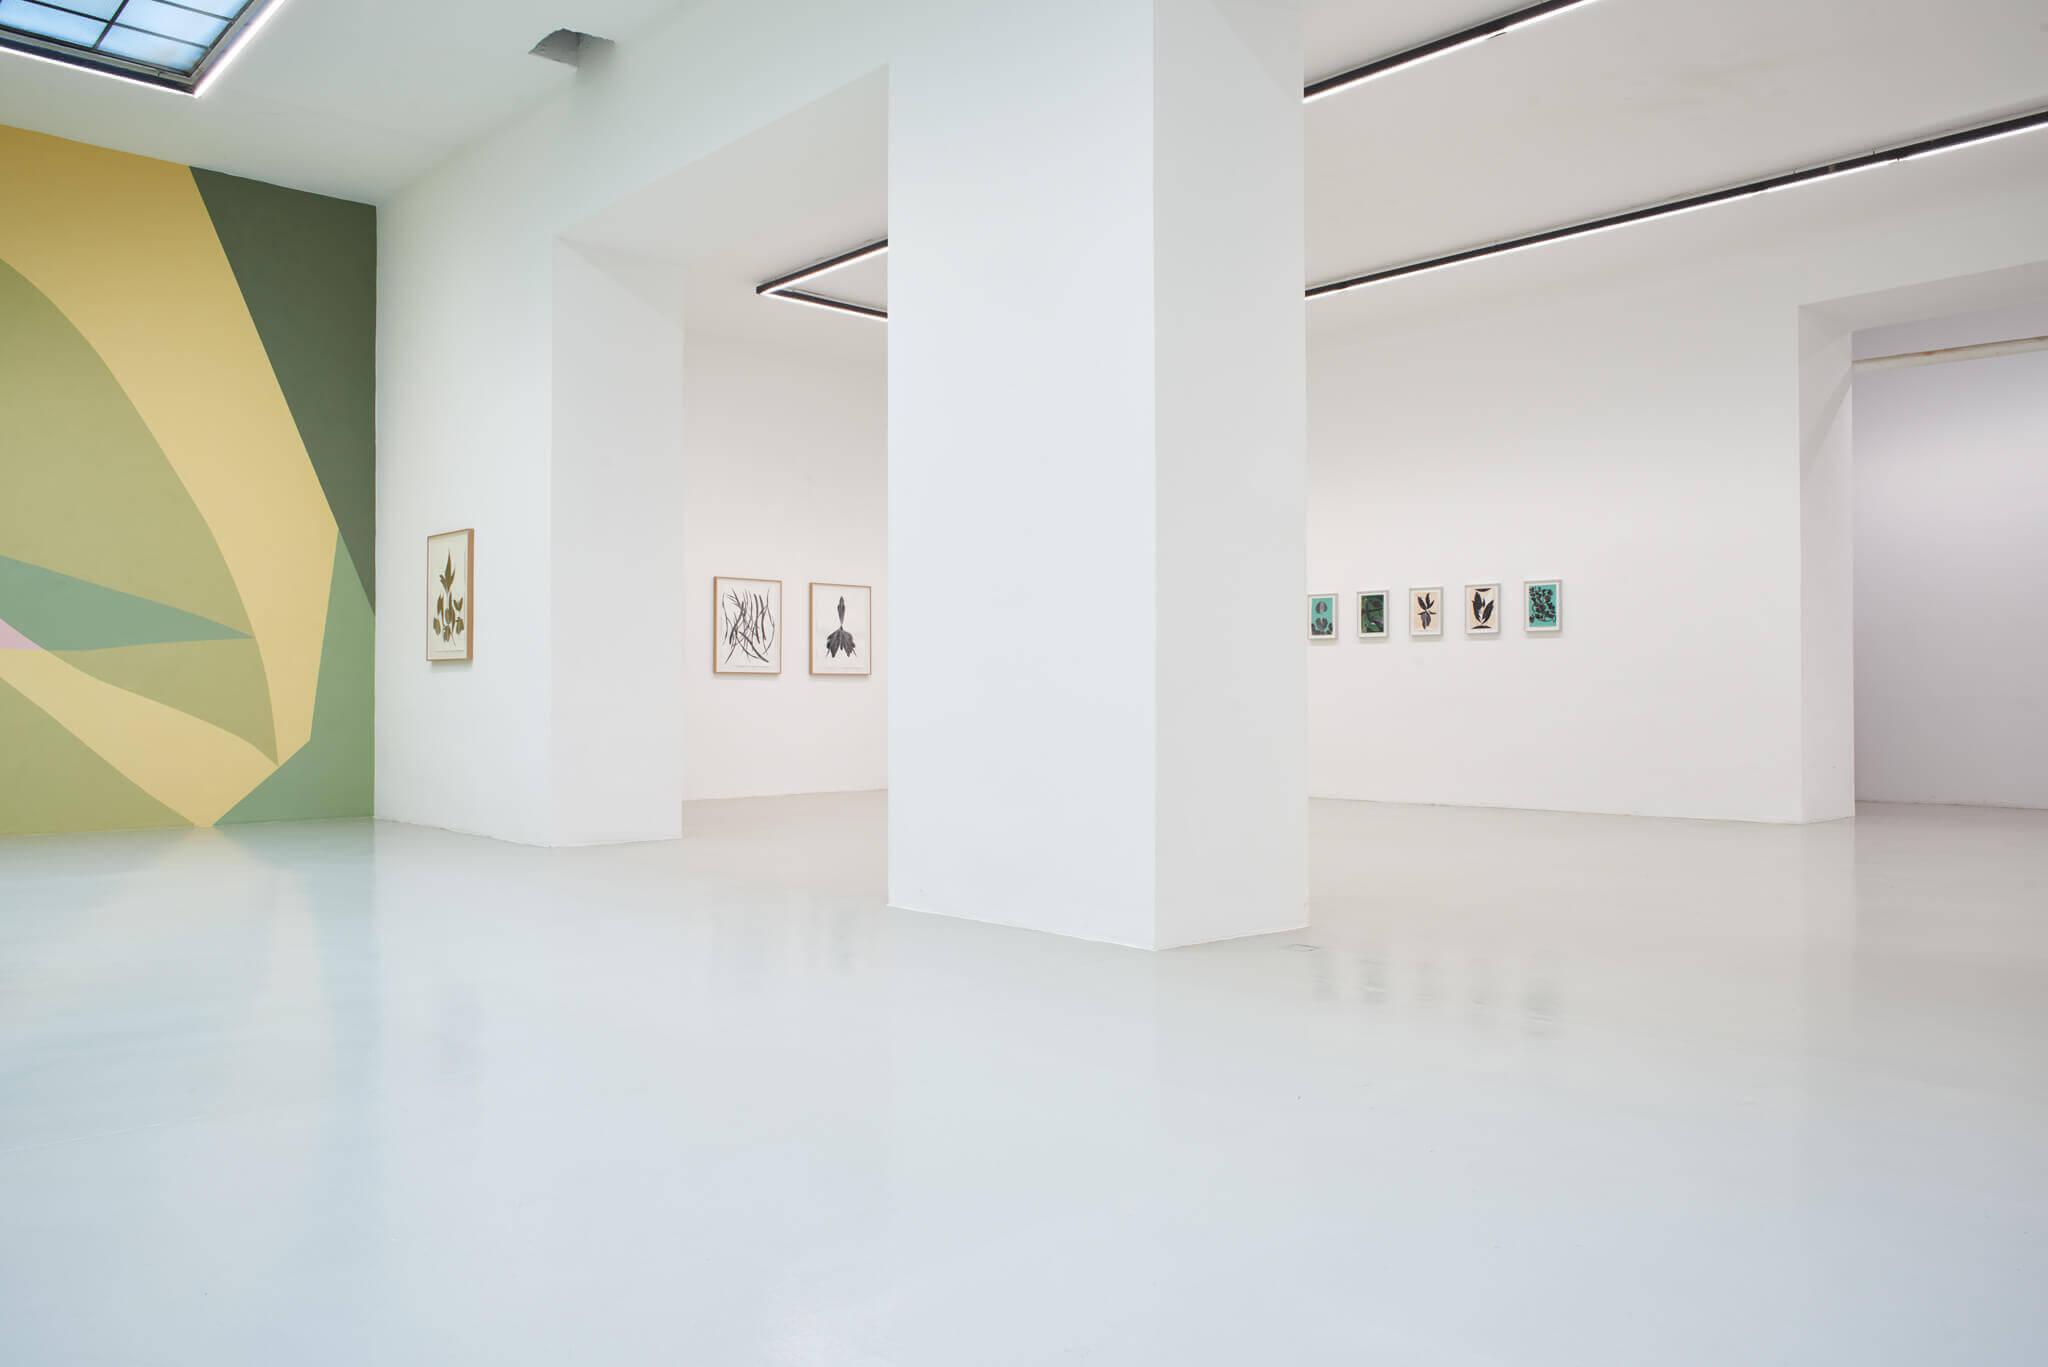 03_Frauke Dannert_Collage_Ausstellung_Folie_Galerie Lisa Kandlhofer_Wien_2018